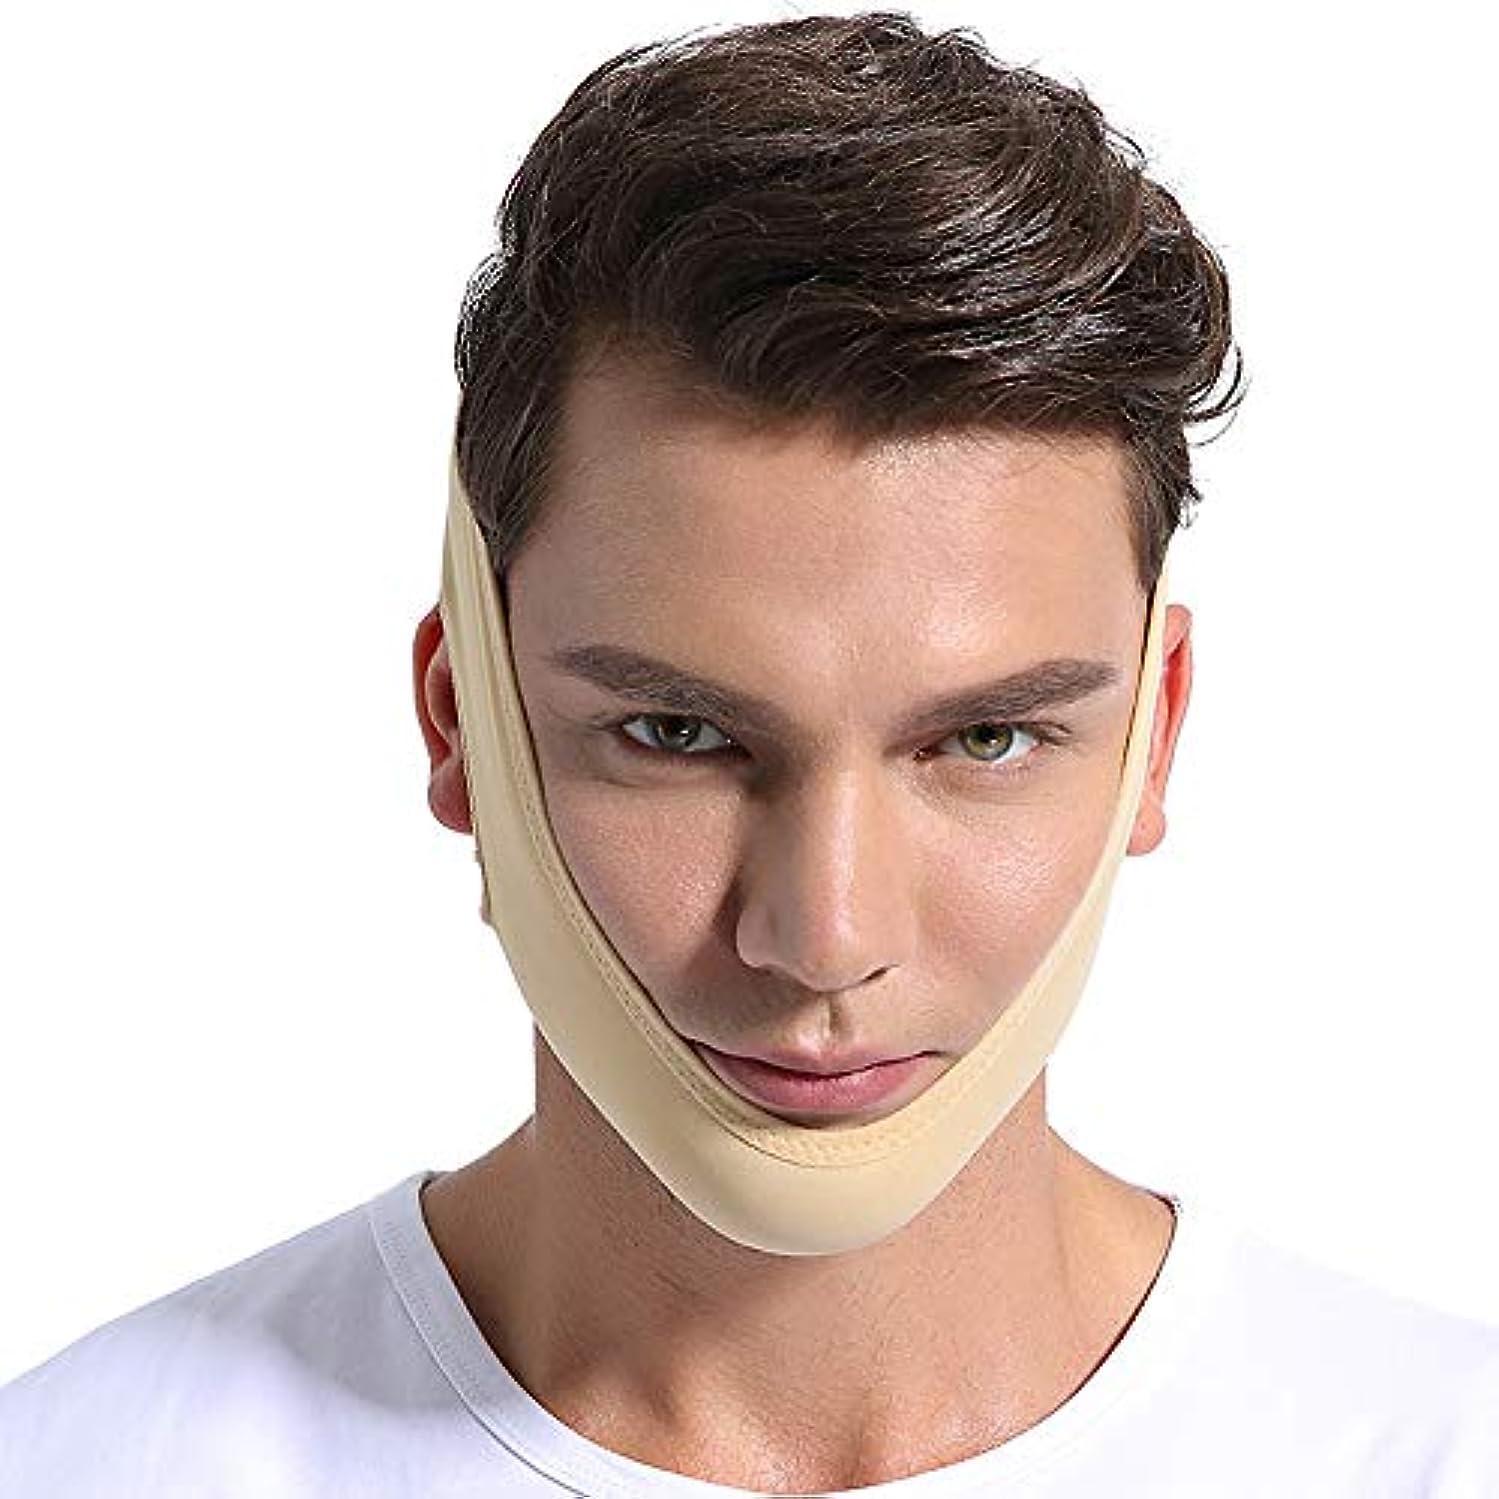 却下する贈り物下に顔面持ち上げ用具、Vフェイスの薄い顔の包帯顔面マッサージ器リフティングパッキングマスク,L